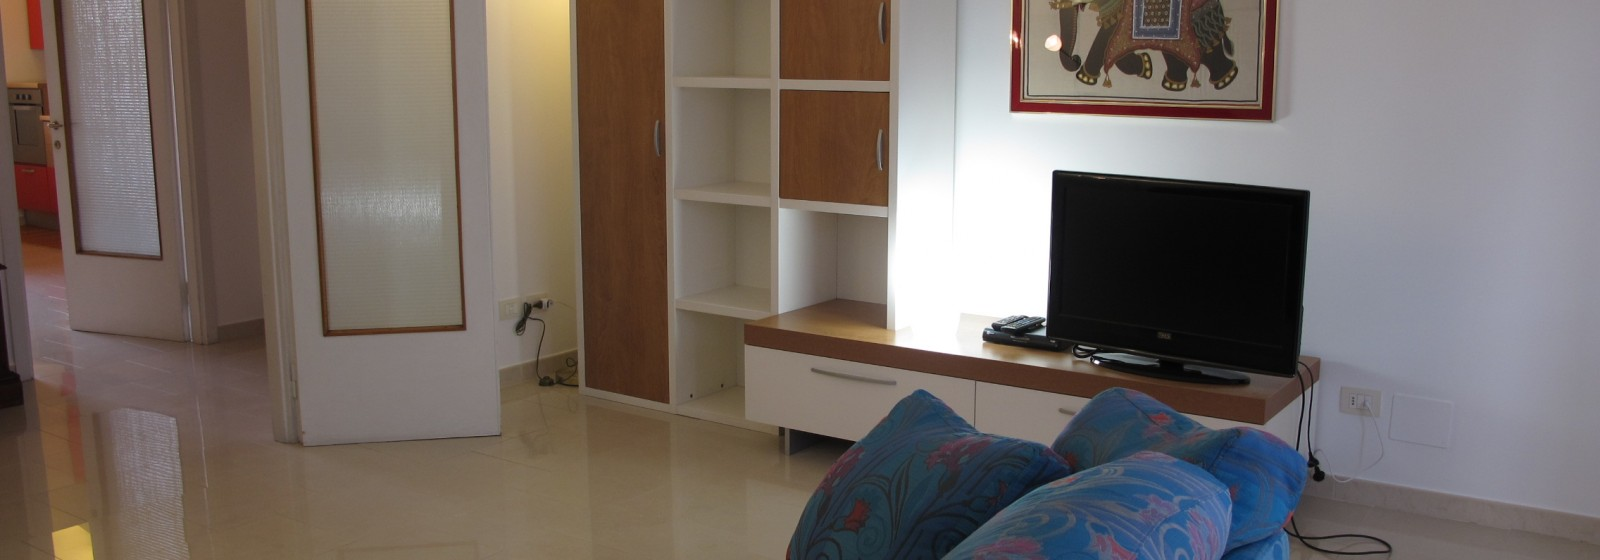 Appartamento 3 ampi vani arredato in zona Viale Corsica